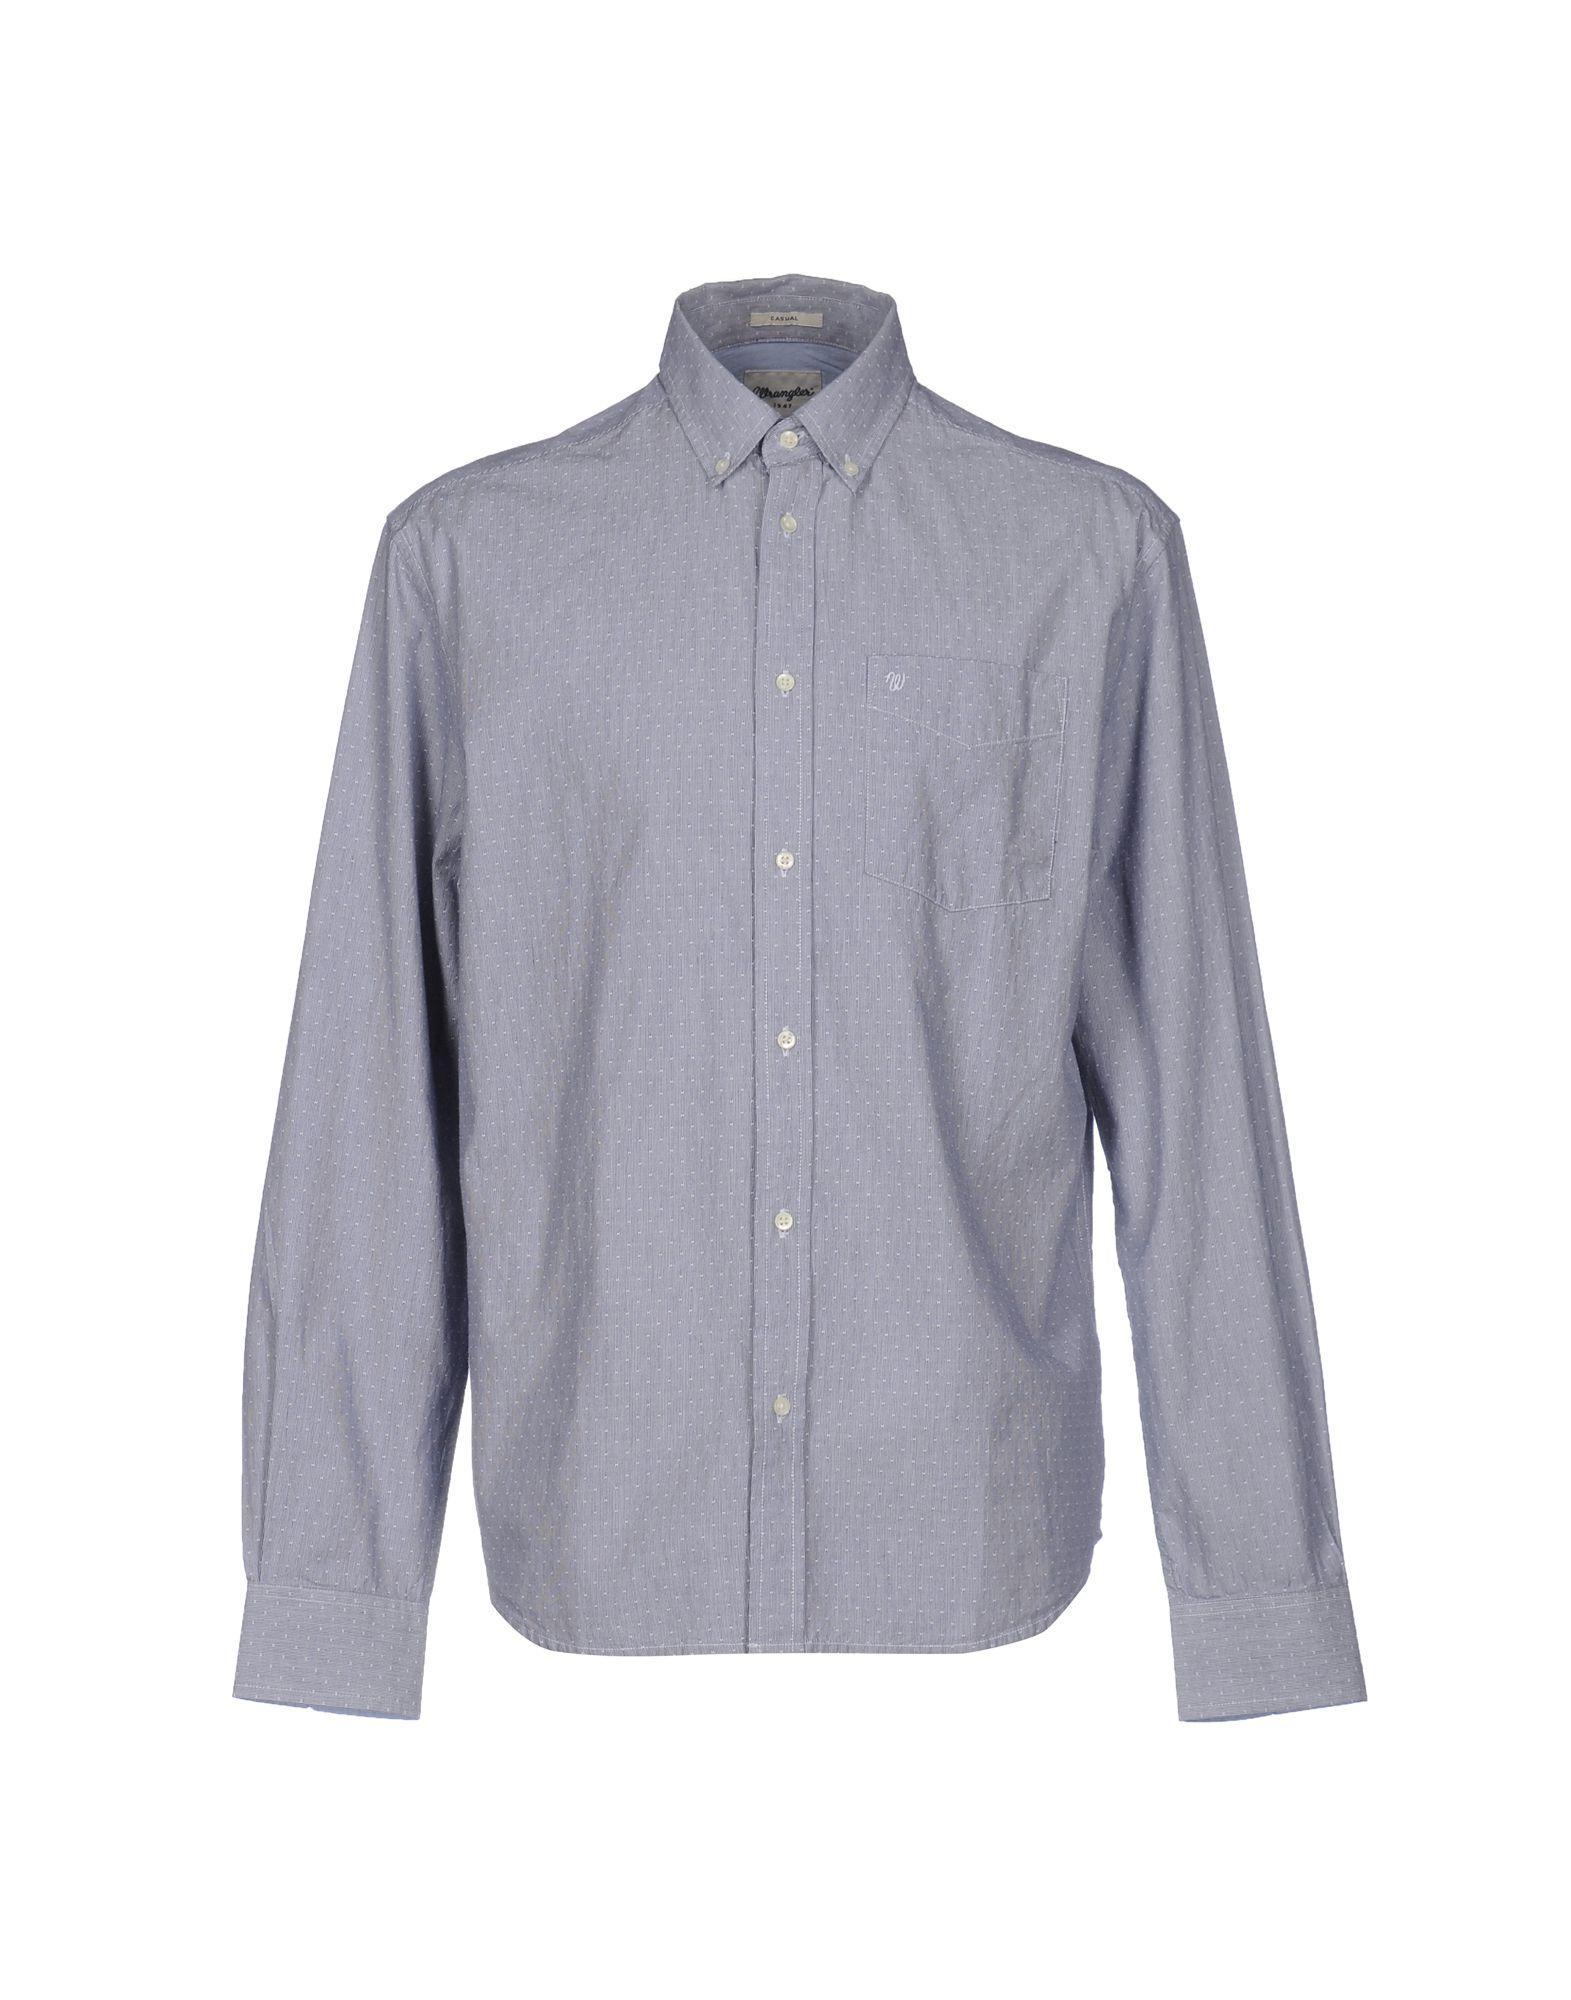 Wrangler shirt in blue for men lyst for Wrangler denim shirts uk